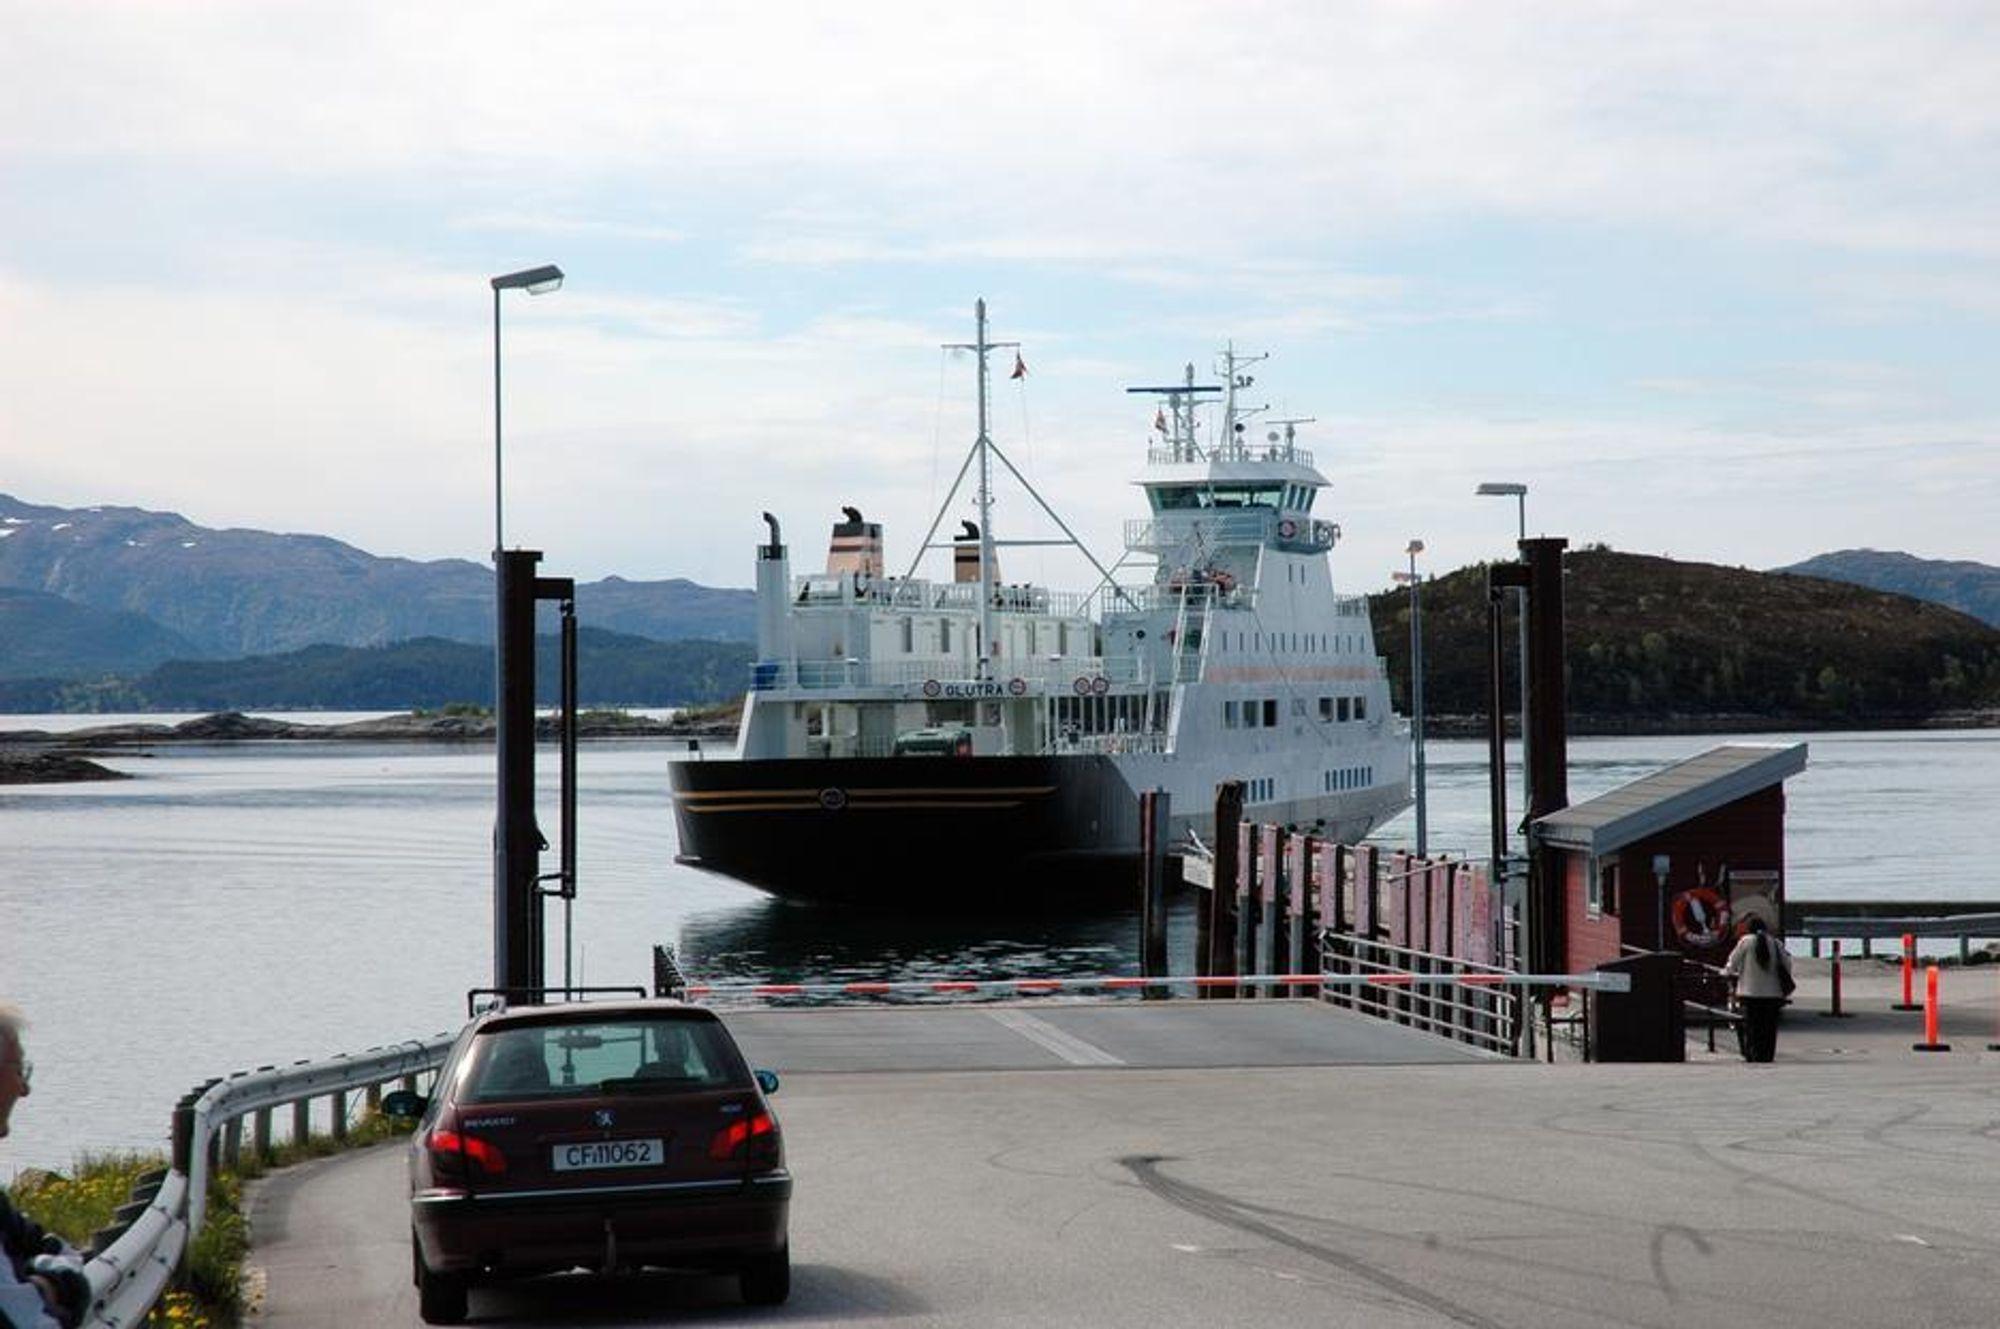 LNG-ferger ga ingen markant reduksjon i CO2-utslippene i perioden 2000-2009. Her Glutra, den første LNG-ferga i drift i Norge.